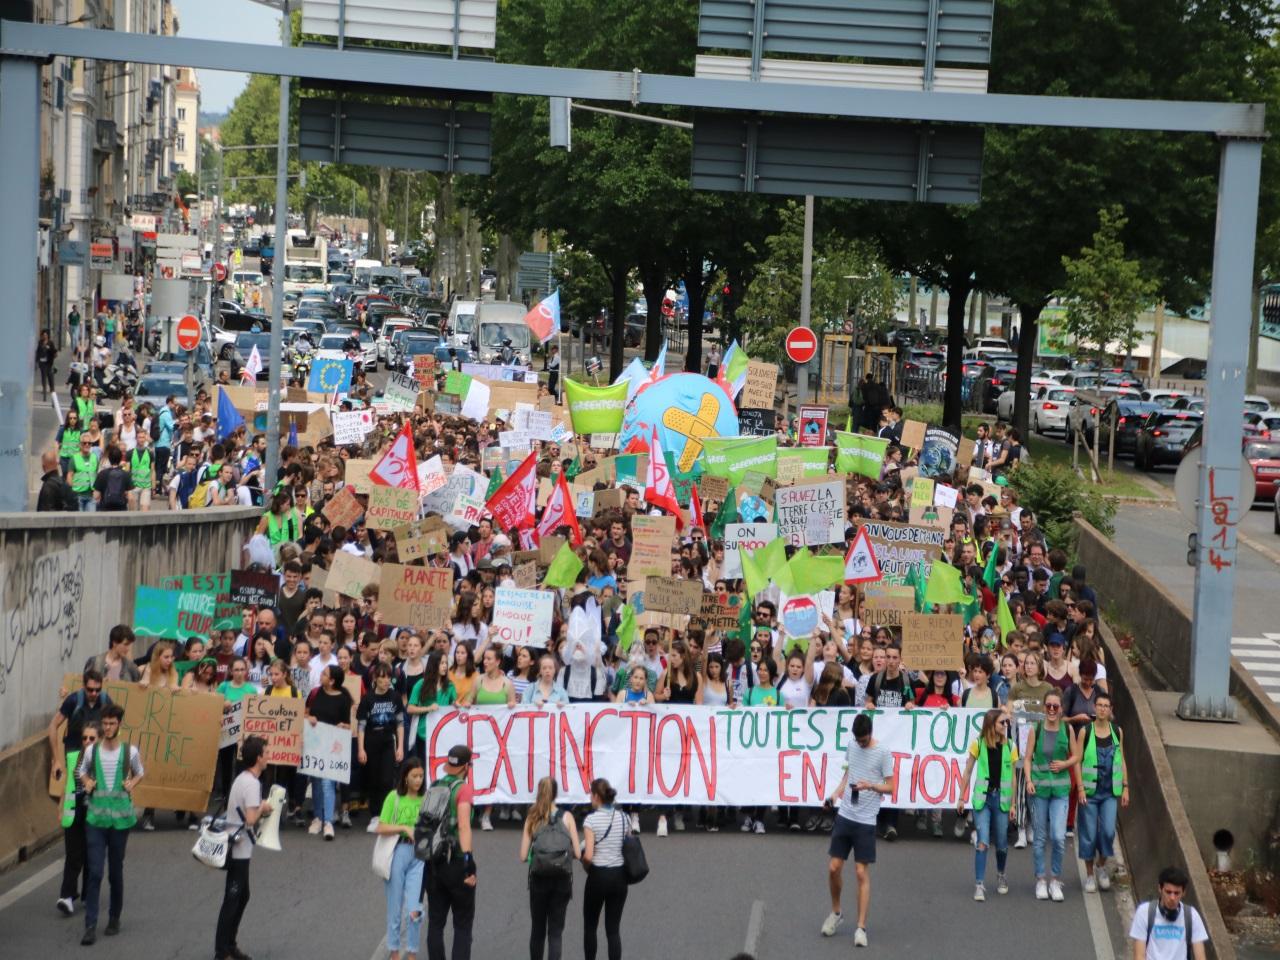 Marche mondiale pour le climat - LyonMag